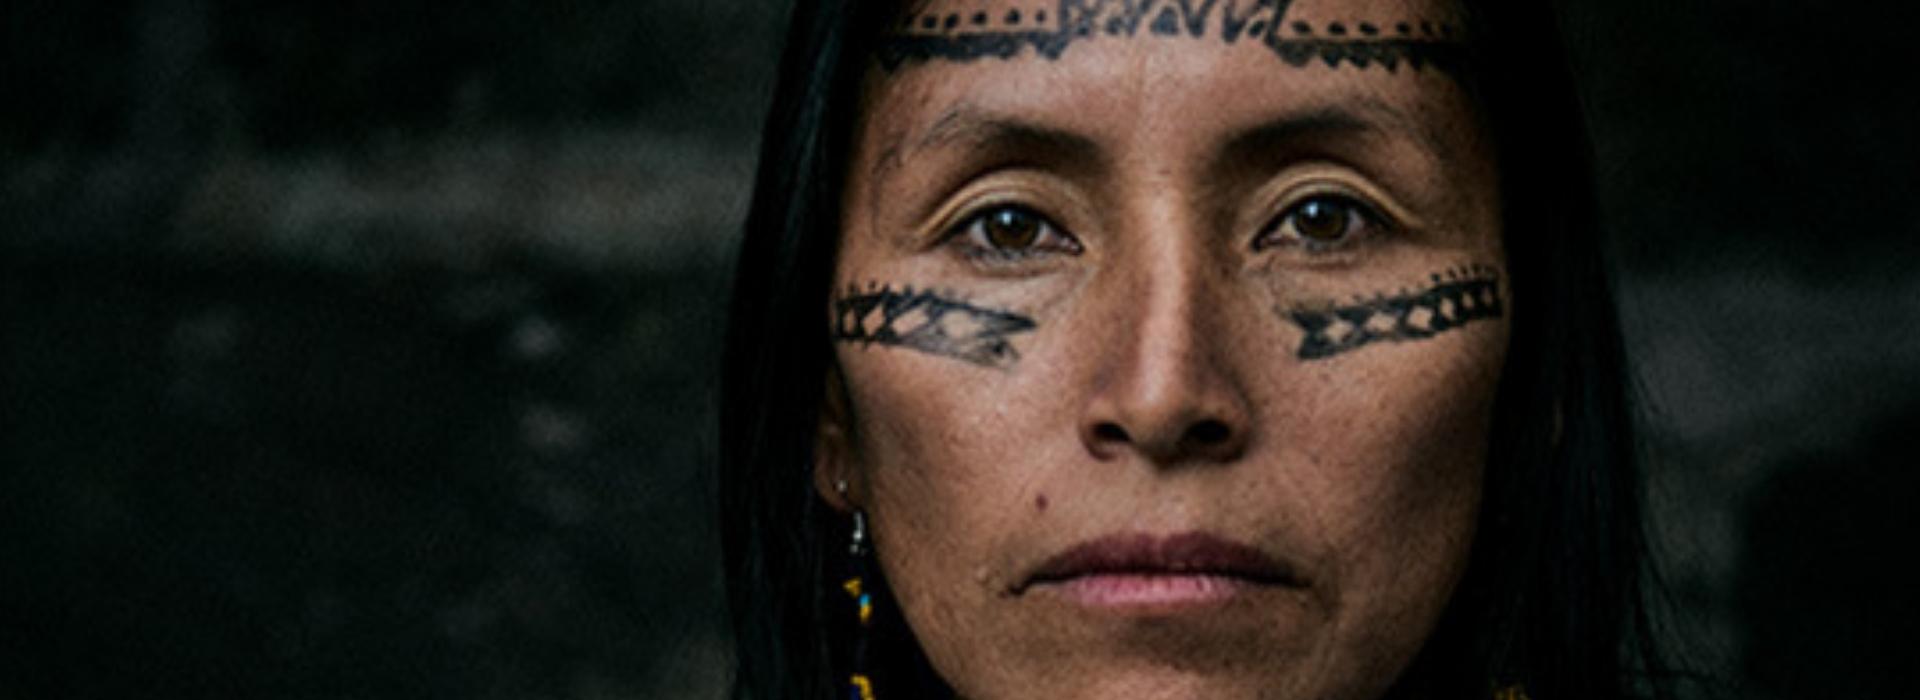 Salomé rischia ogni giorno la vita Minacciata perché difende la foresta dell'Amazzonia dalle mire delle imprese petrolifere.